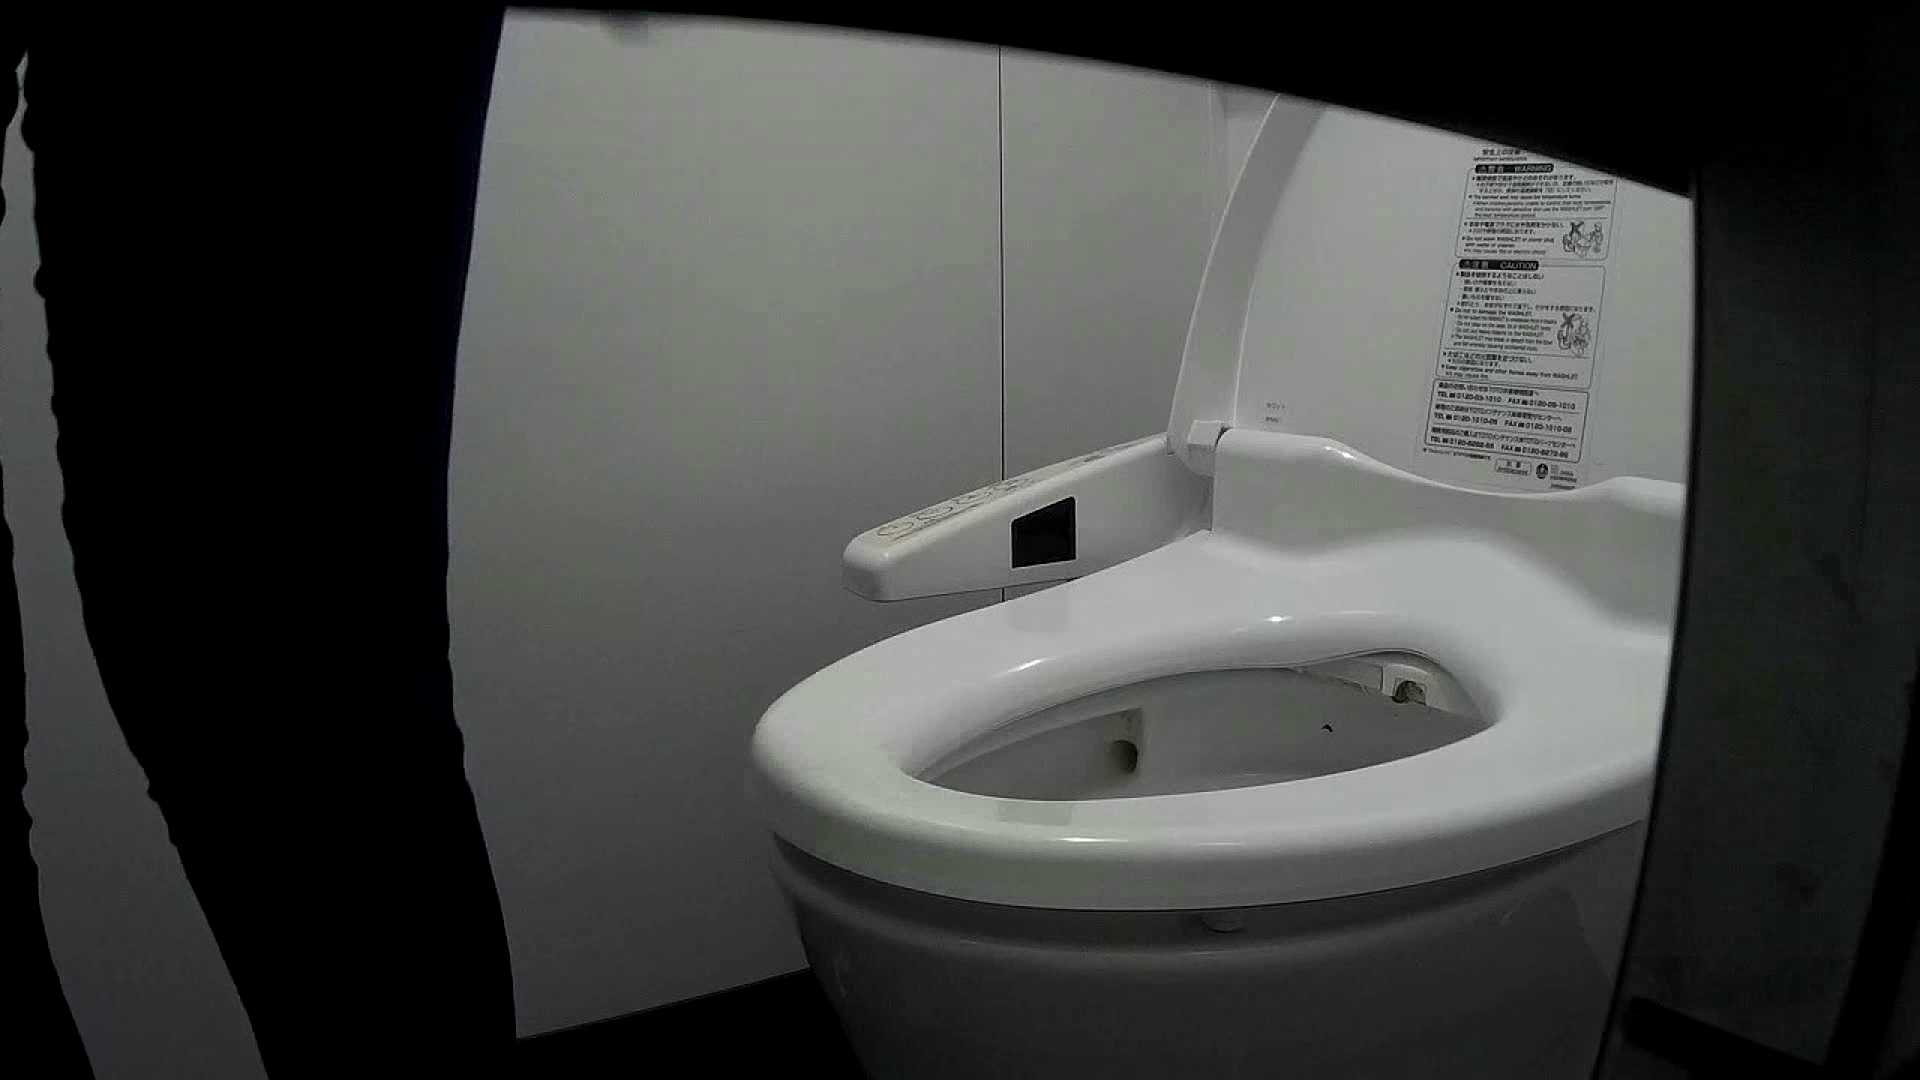 有名大学女性洗面所 vol.38 おやっ!お着替えシーンもいただきましたよ。 排泄 AV無料動画キャプチャ 67画像 18